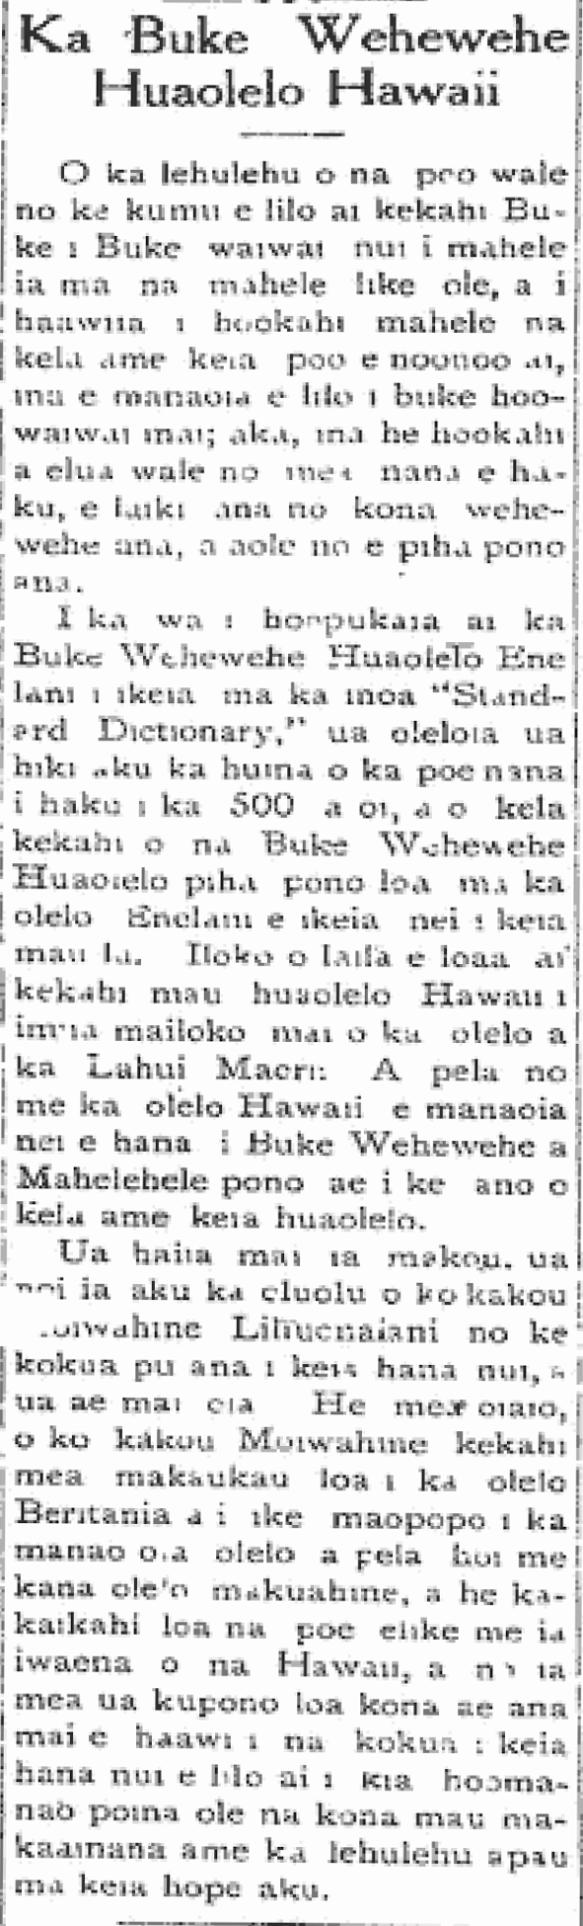 Ka Buke Wehewehe Huaolelo Hawaii